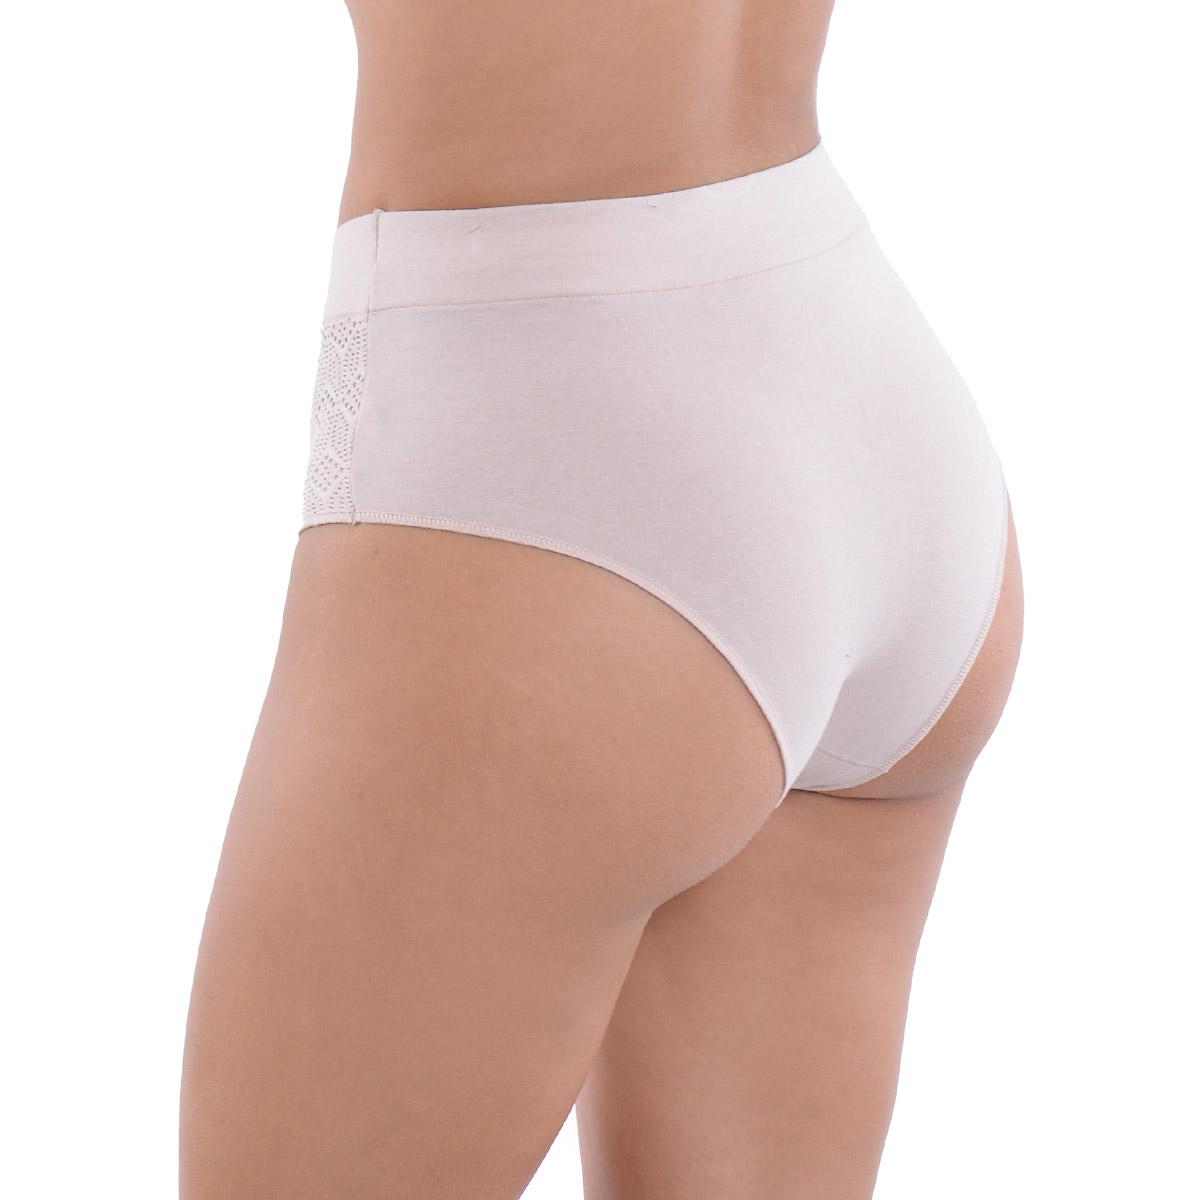 Calcinha cintura alta pala dupla em algodão Econfort